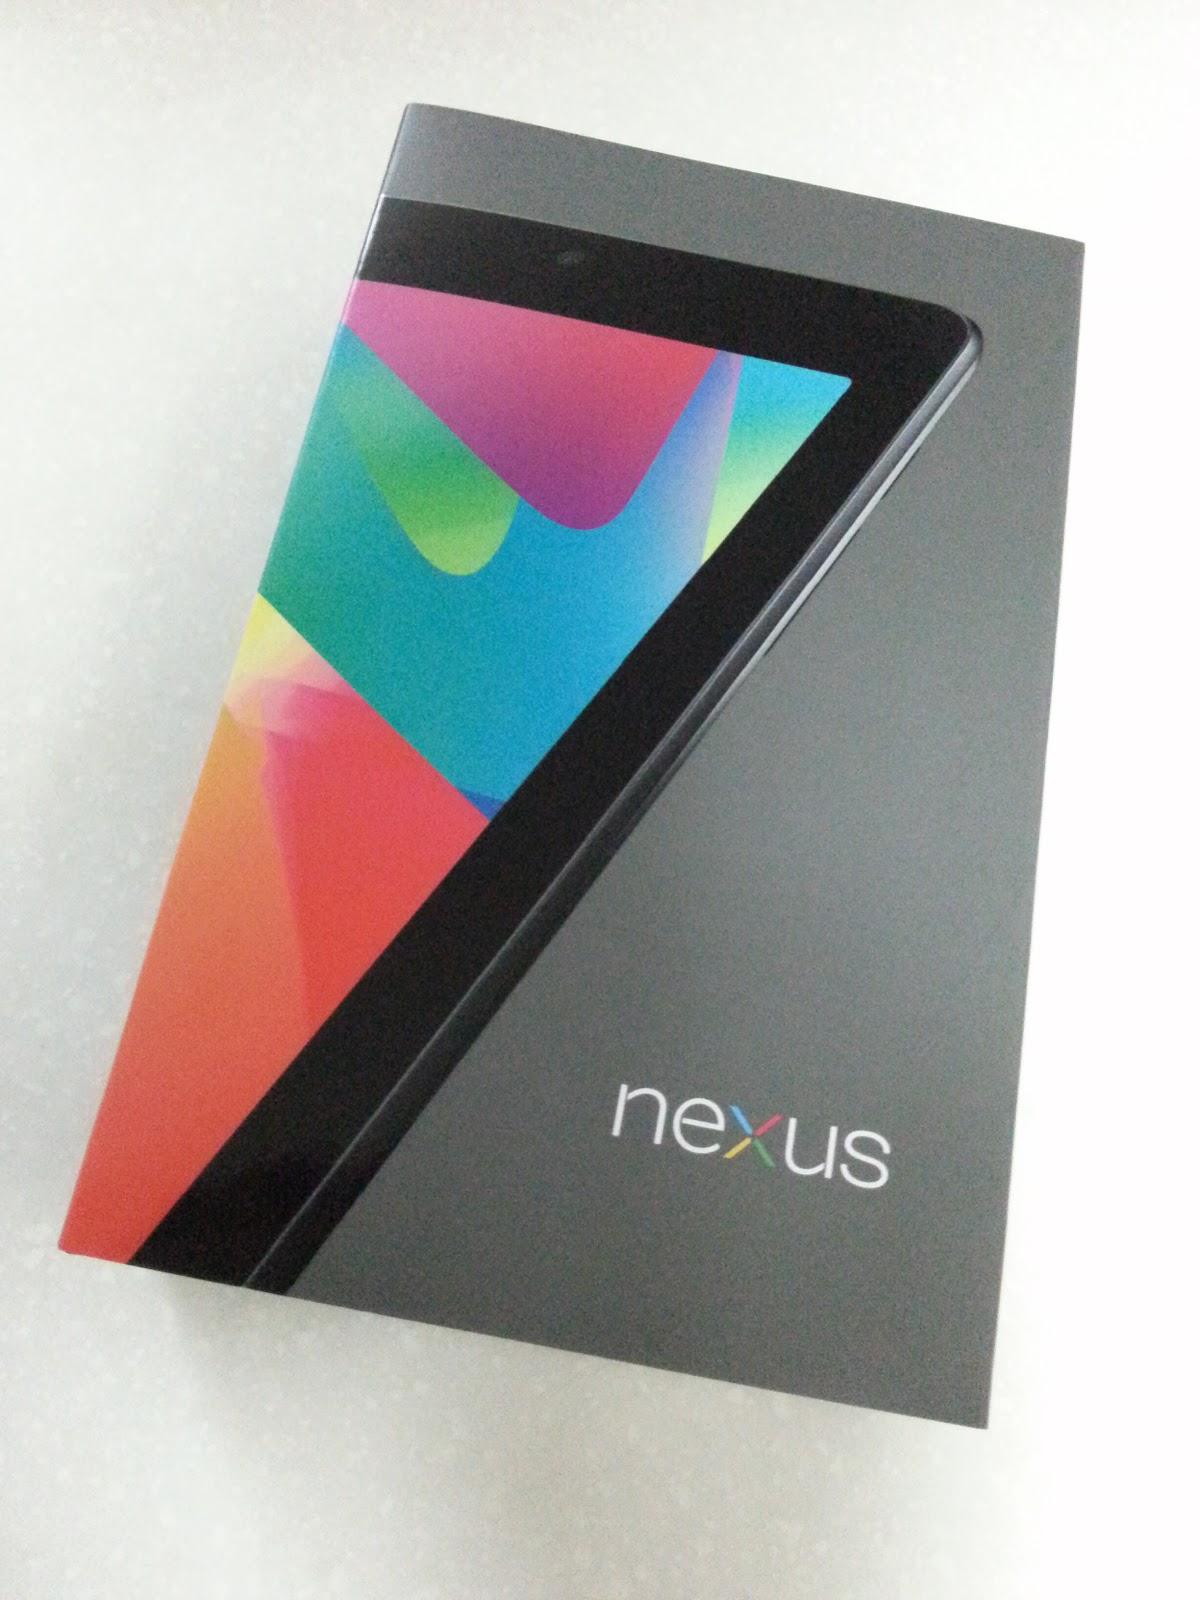 Galaxy S 覚書~へなちょこおたくメモ~: Nexus 7購入(とroot化)